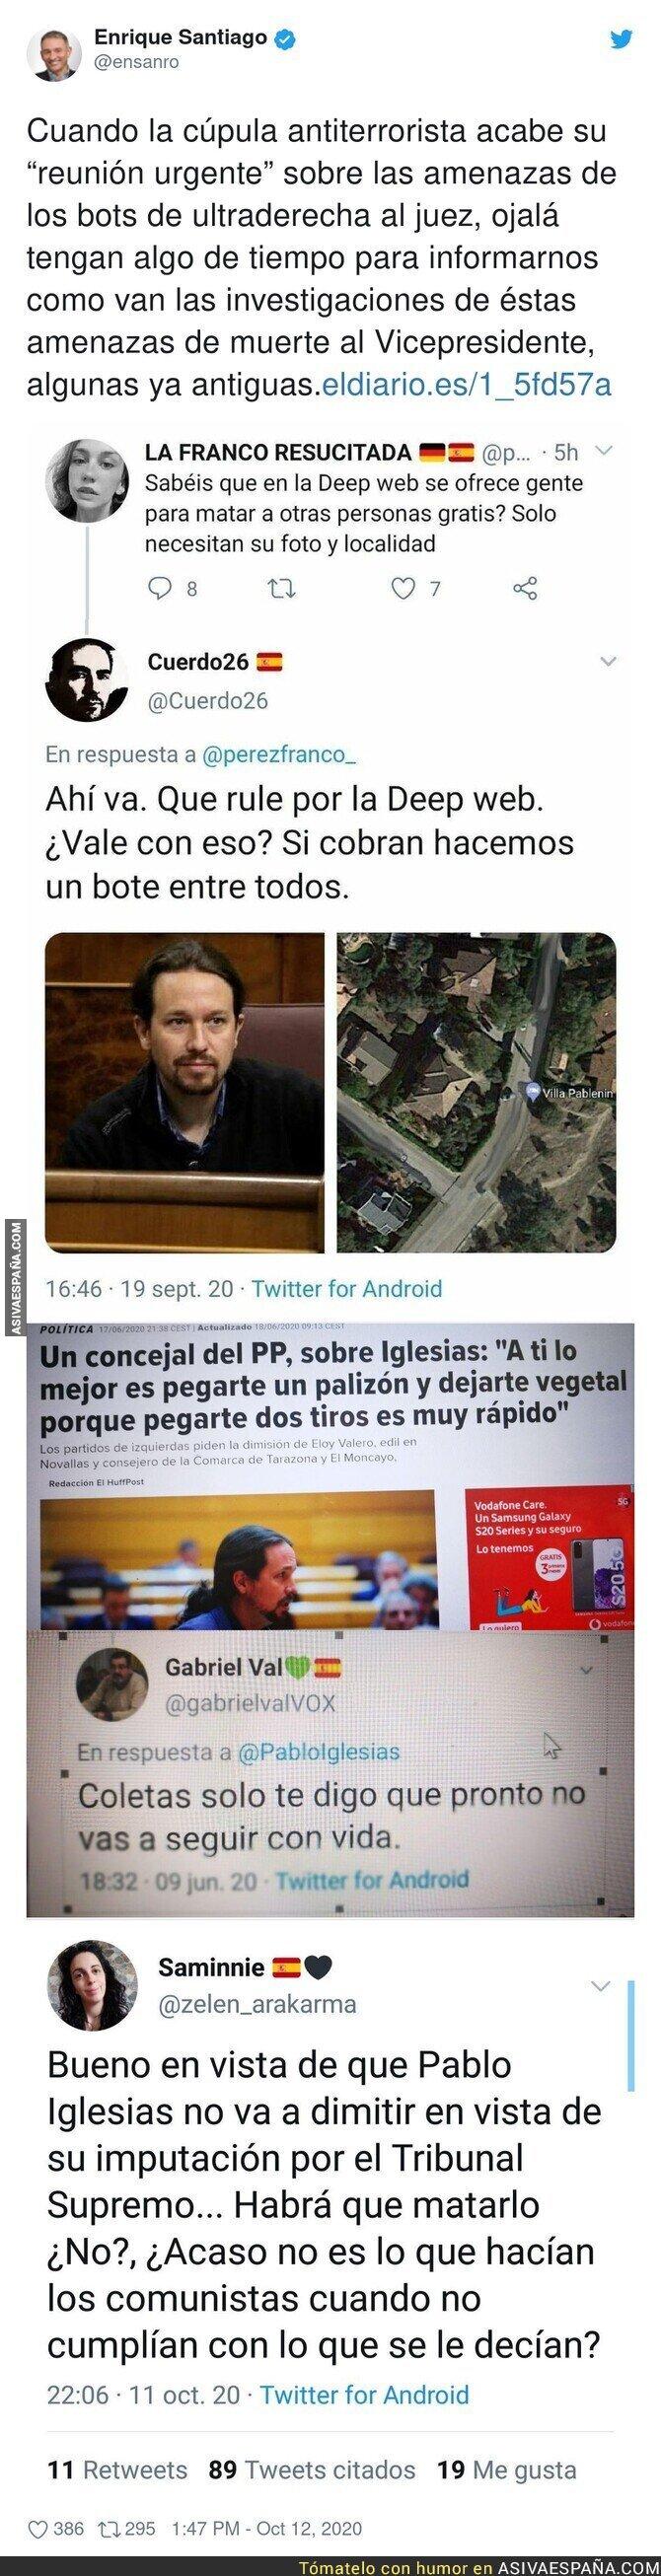 411850 - Las amenazas de muerte que recibe Pablo Iglesias a diario y que la justicia no hace nada